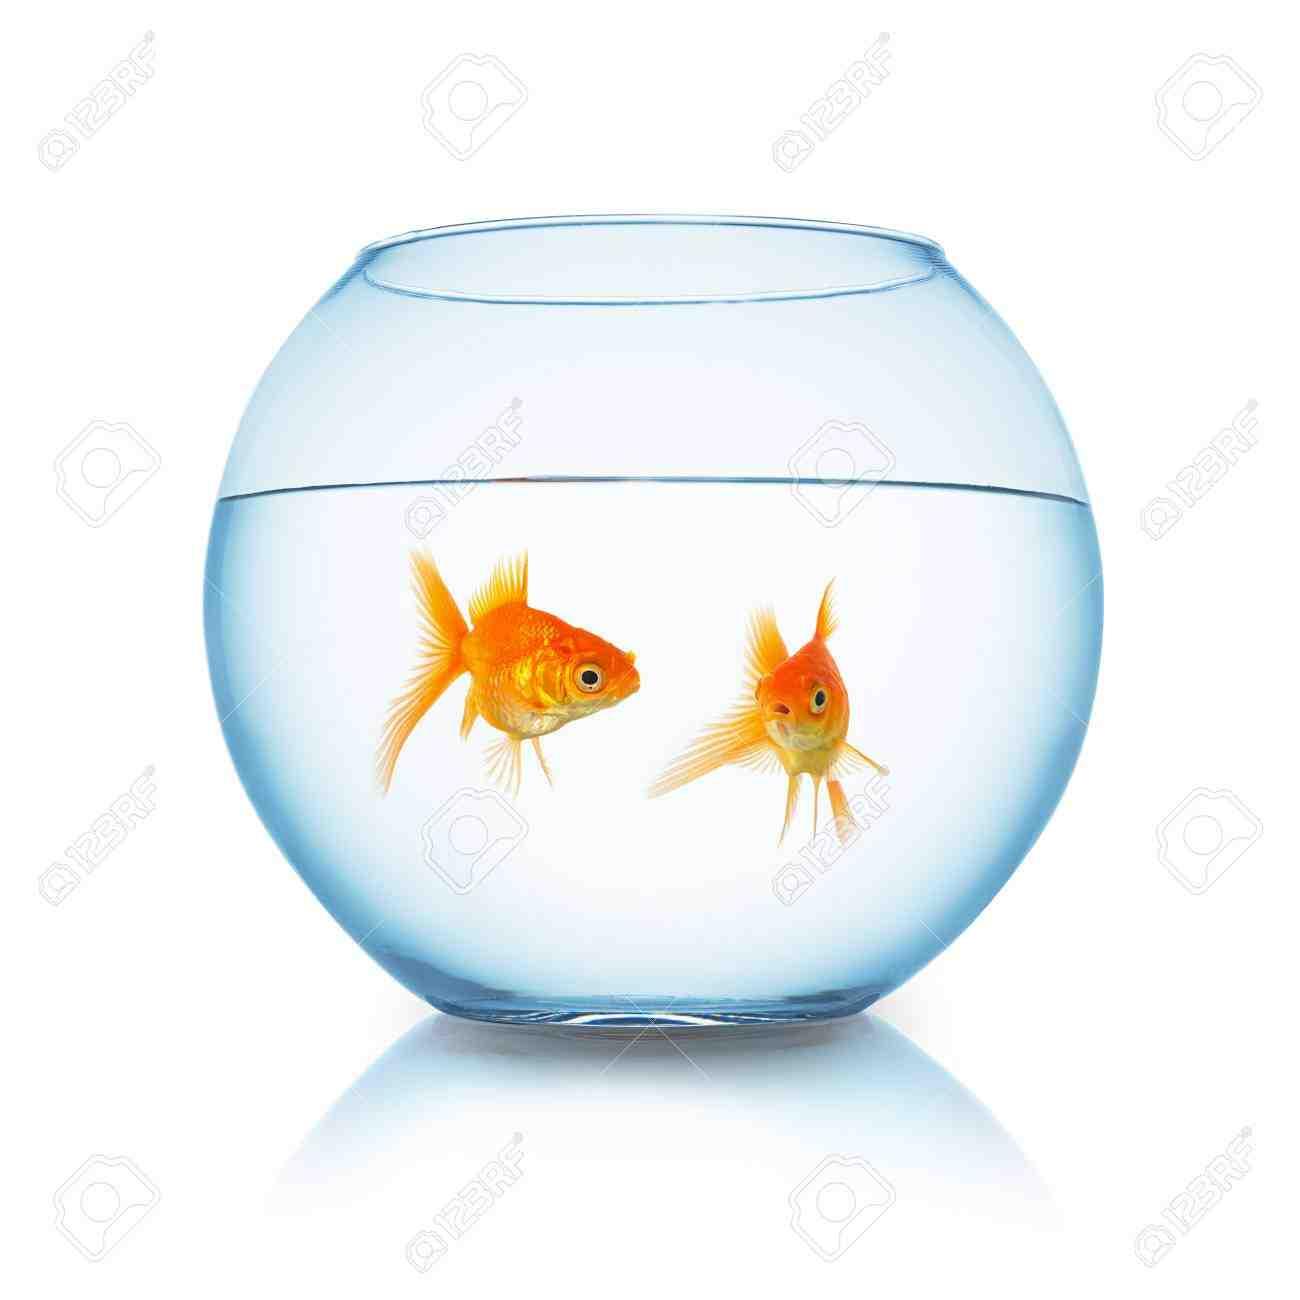 Quel aquarium pour un poisson rouge?